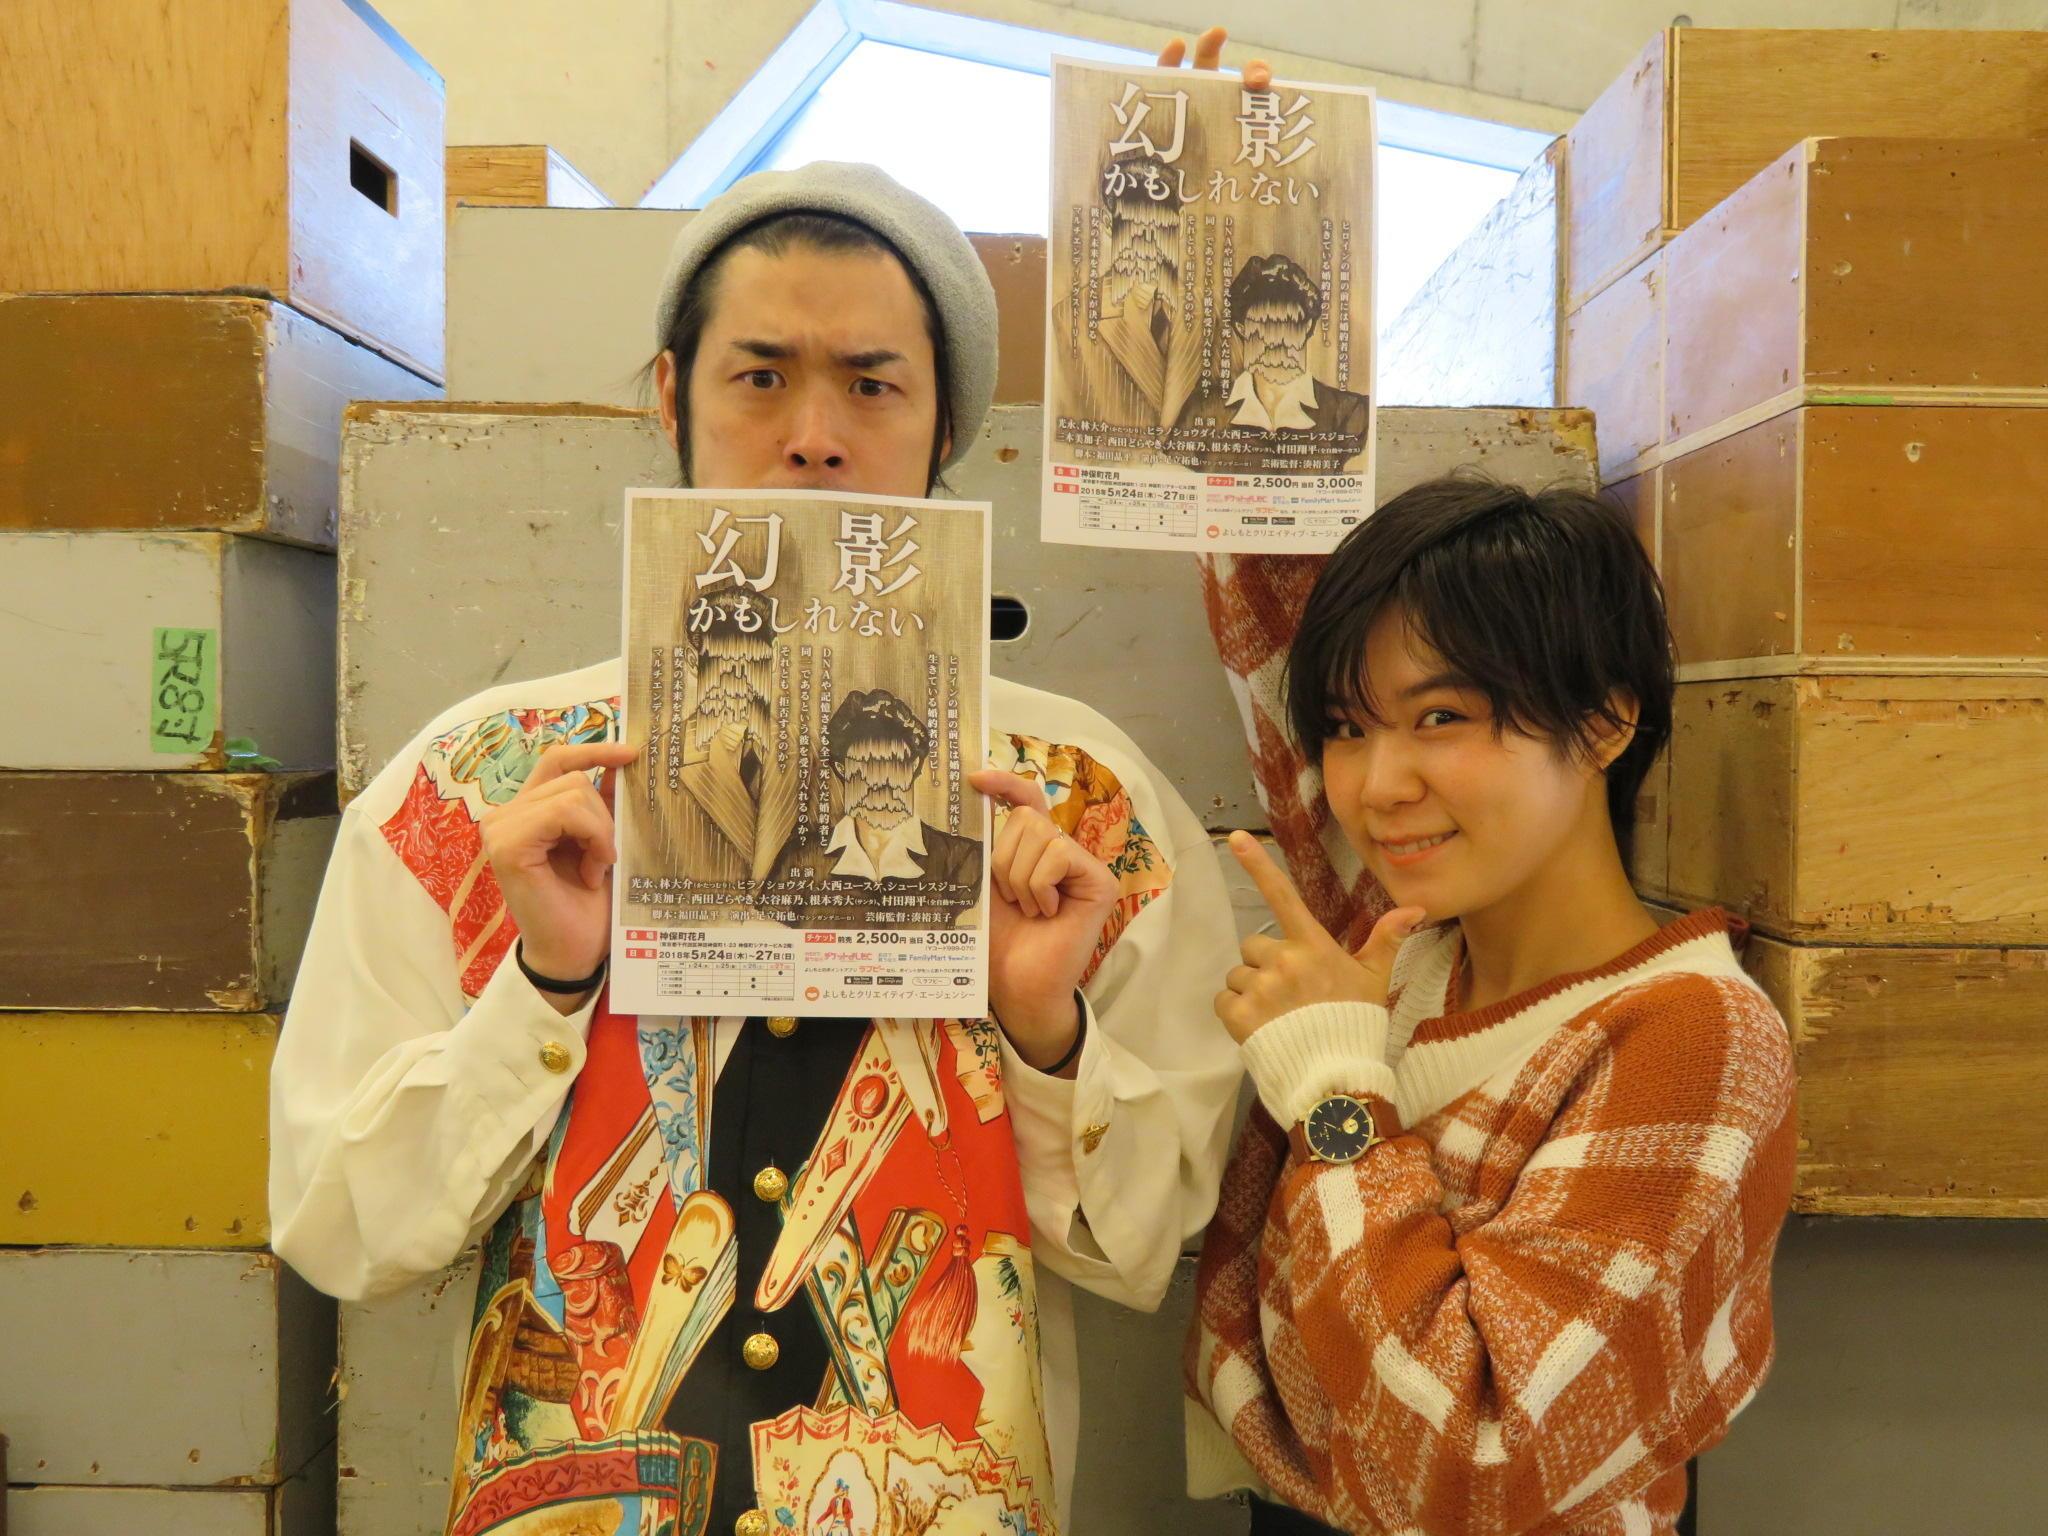 http://news.yoshimoto.co.jp/20180424220540-95724c12819f1986b989aba07cc014da34a12272.jpg